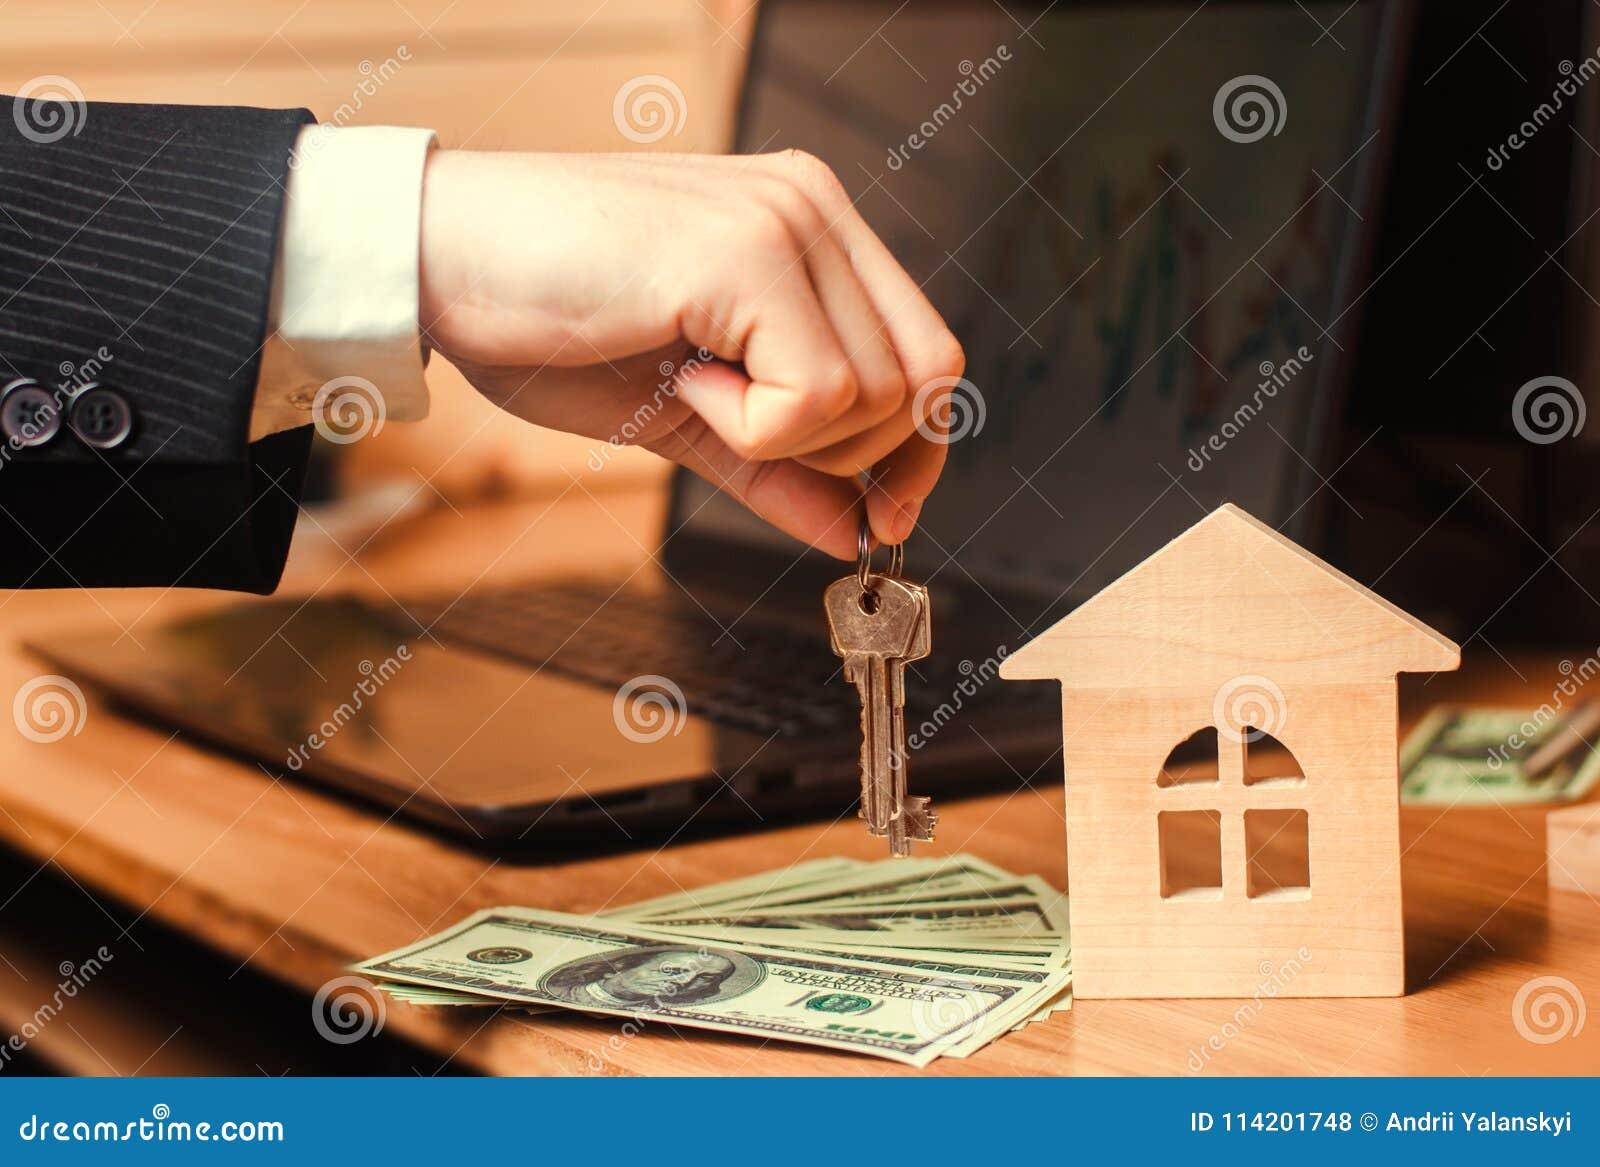 Die Hand hält die Schlüssel zum Haus Konzept des Grundbesitzes Verkauf oder Miete der Wohnung, Wohnungsmiete realtor Hypothek con